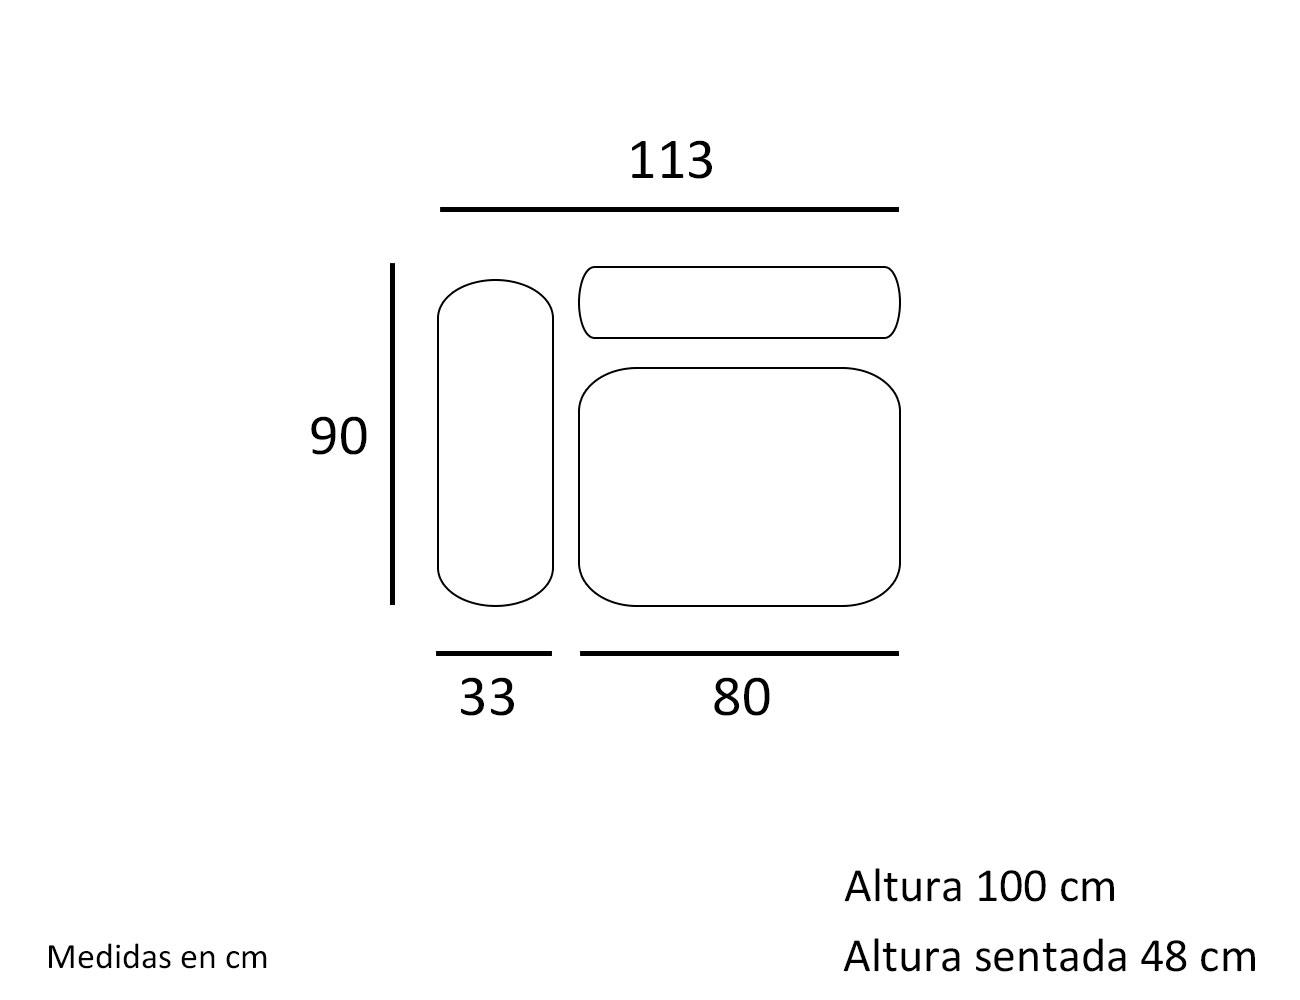 Croquis modulo 1 plaza con 1 brazo 1133